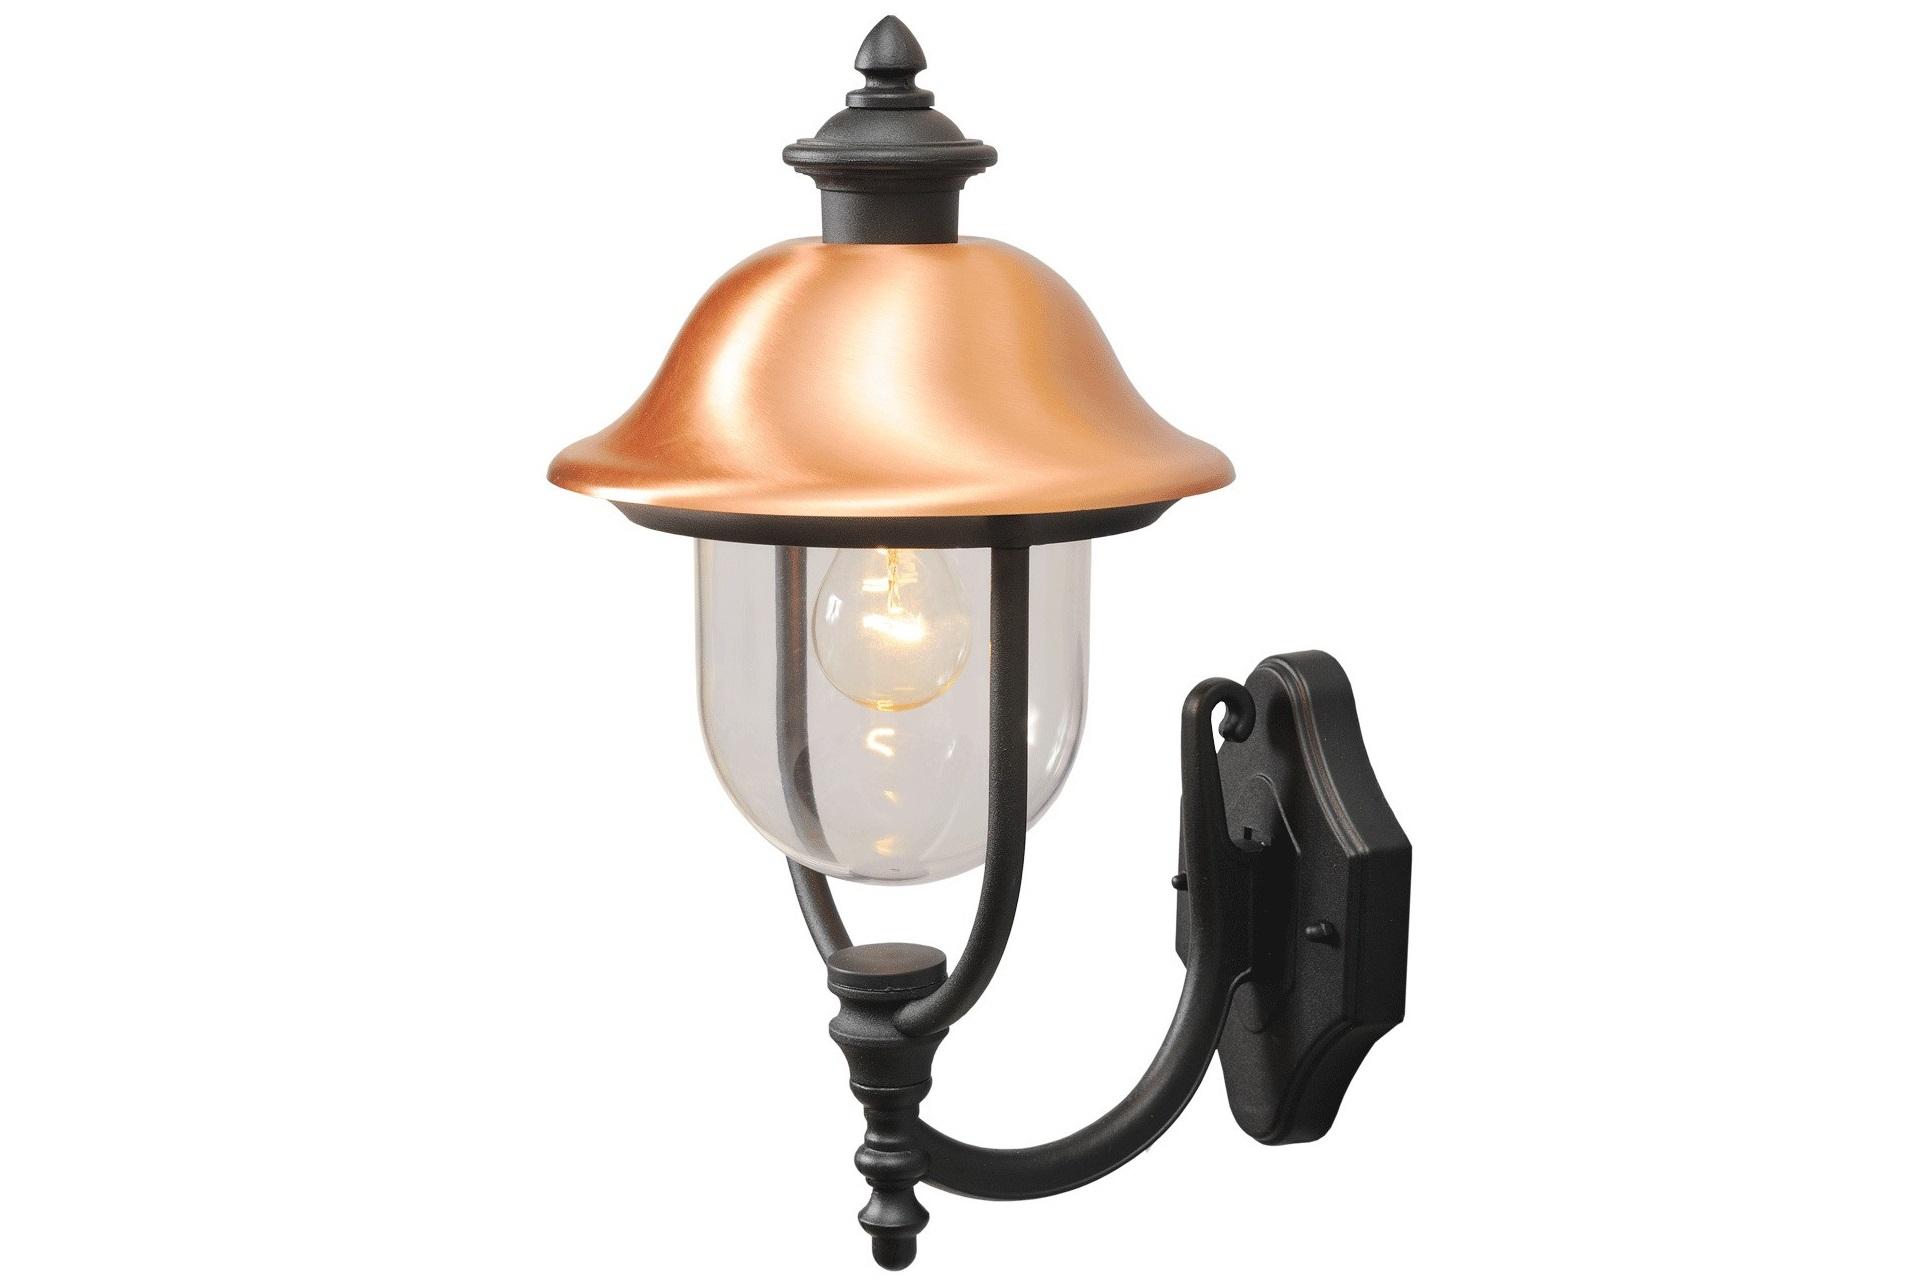 Уличный светильник ДубайУличные настенные светильники<br>&amp;lt;div&amp;gt;Основание из алюминия черного цвета, плафоны из &amp;amp;nbsp;акрила, декоративный элемент из меди.&amp;lt;/div&amp;gt;&amp;lt;div&amp;gt;&amp;lt;br&amp;gt;&amp;lt;/div&amp;gt;&amp;lt;div&amp;gt;Мощность 1*95W&amp;lt;/div&amp;gt;&amp;lt;div&amp;gt;Цоколь E27&amp;lt;/div&amp;gt;&amp;lt;div&amp;gt;&amp;lt;span style=&amp;quot;line-height: 1.78571;&amp;quot;&amp;gt;Степень защиты<br>светильников от пыли и влаги&amp;lt;/span&amp;gt;&amp;lt;span style=&amp;quot;line-height: 1.78571;&amp;quot;&amp;gt;&amp;amp;nbsp;IP44&amp;lt;/span&amp;gt;&amp;lt;/div&amp;gt;<br><br>Material: Алюминий<br>Ширина см: 25<br>Высота см: 48<br>Глубина см: 33